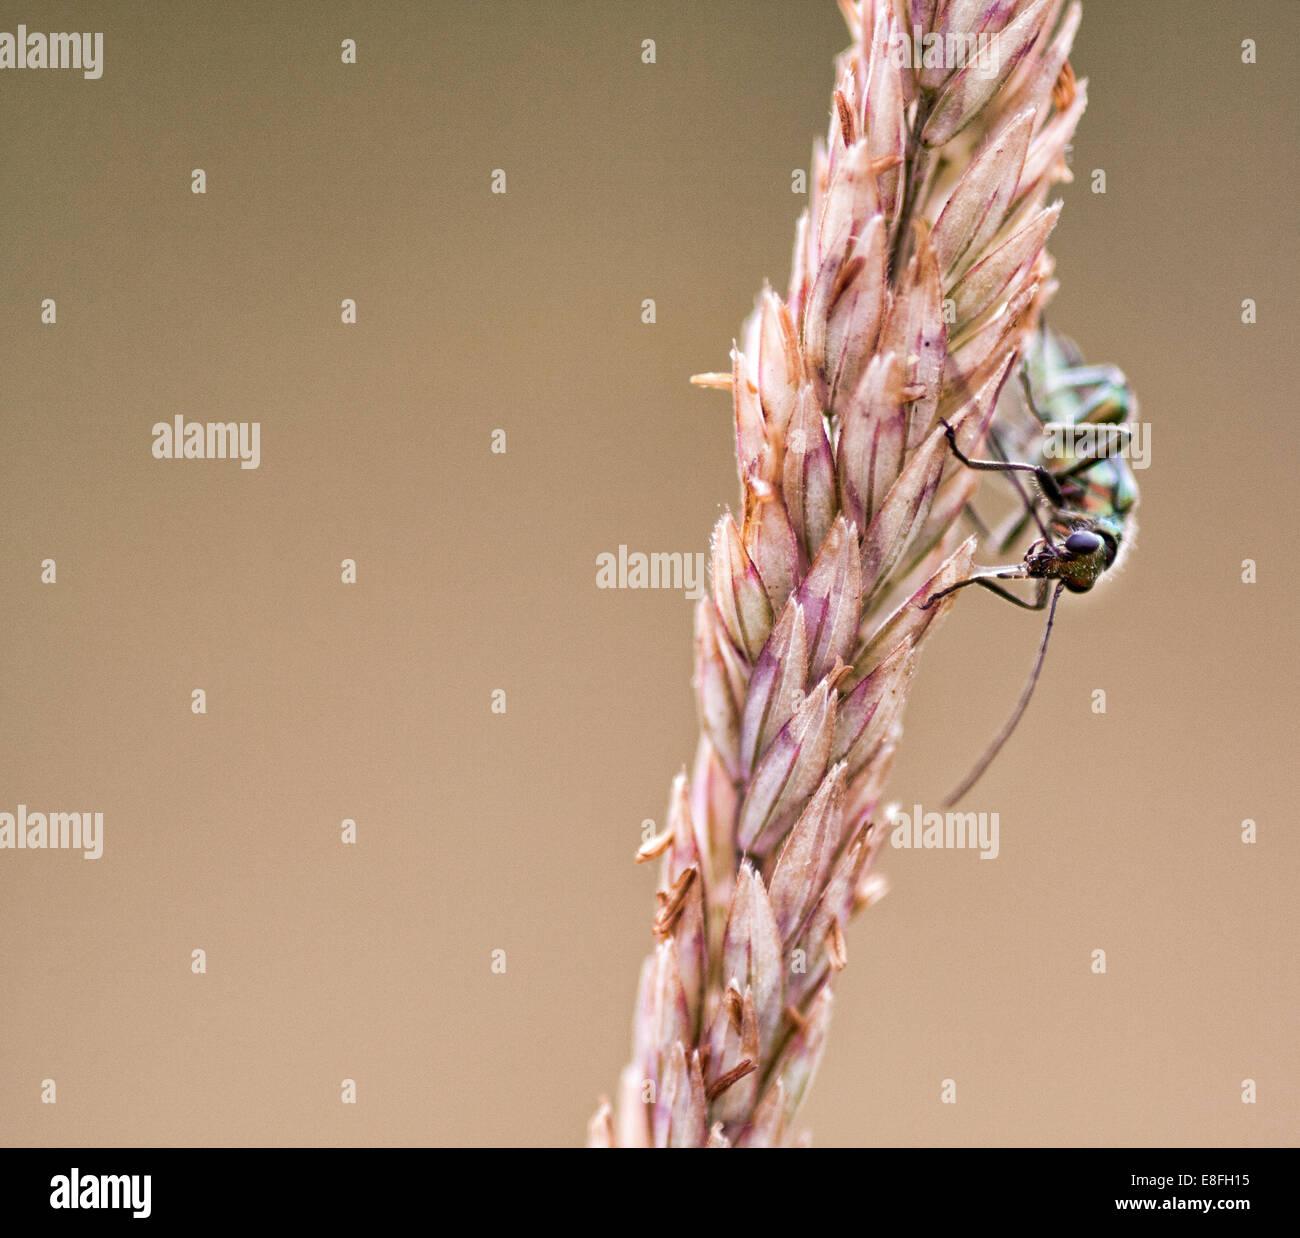 Nahaufnahme von Insekt auf Pflanze sitzend Stockbild